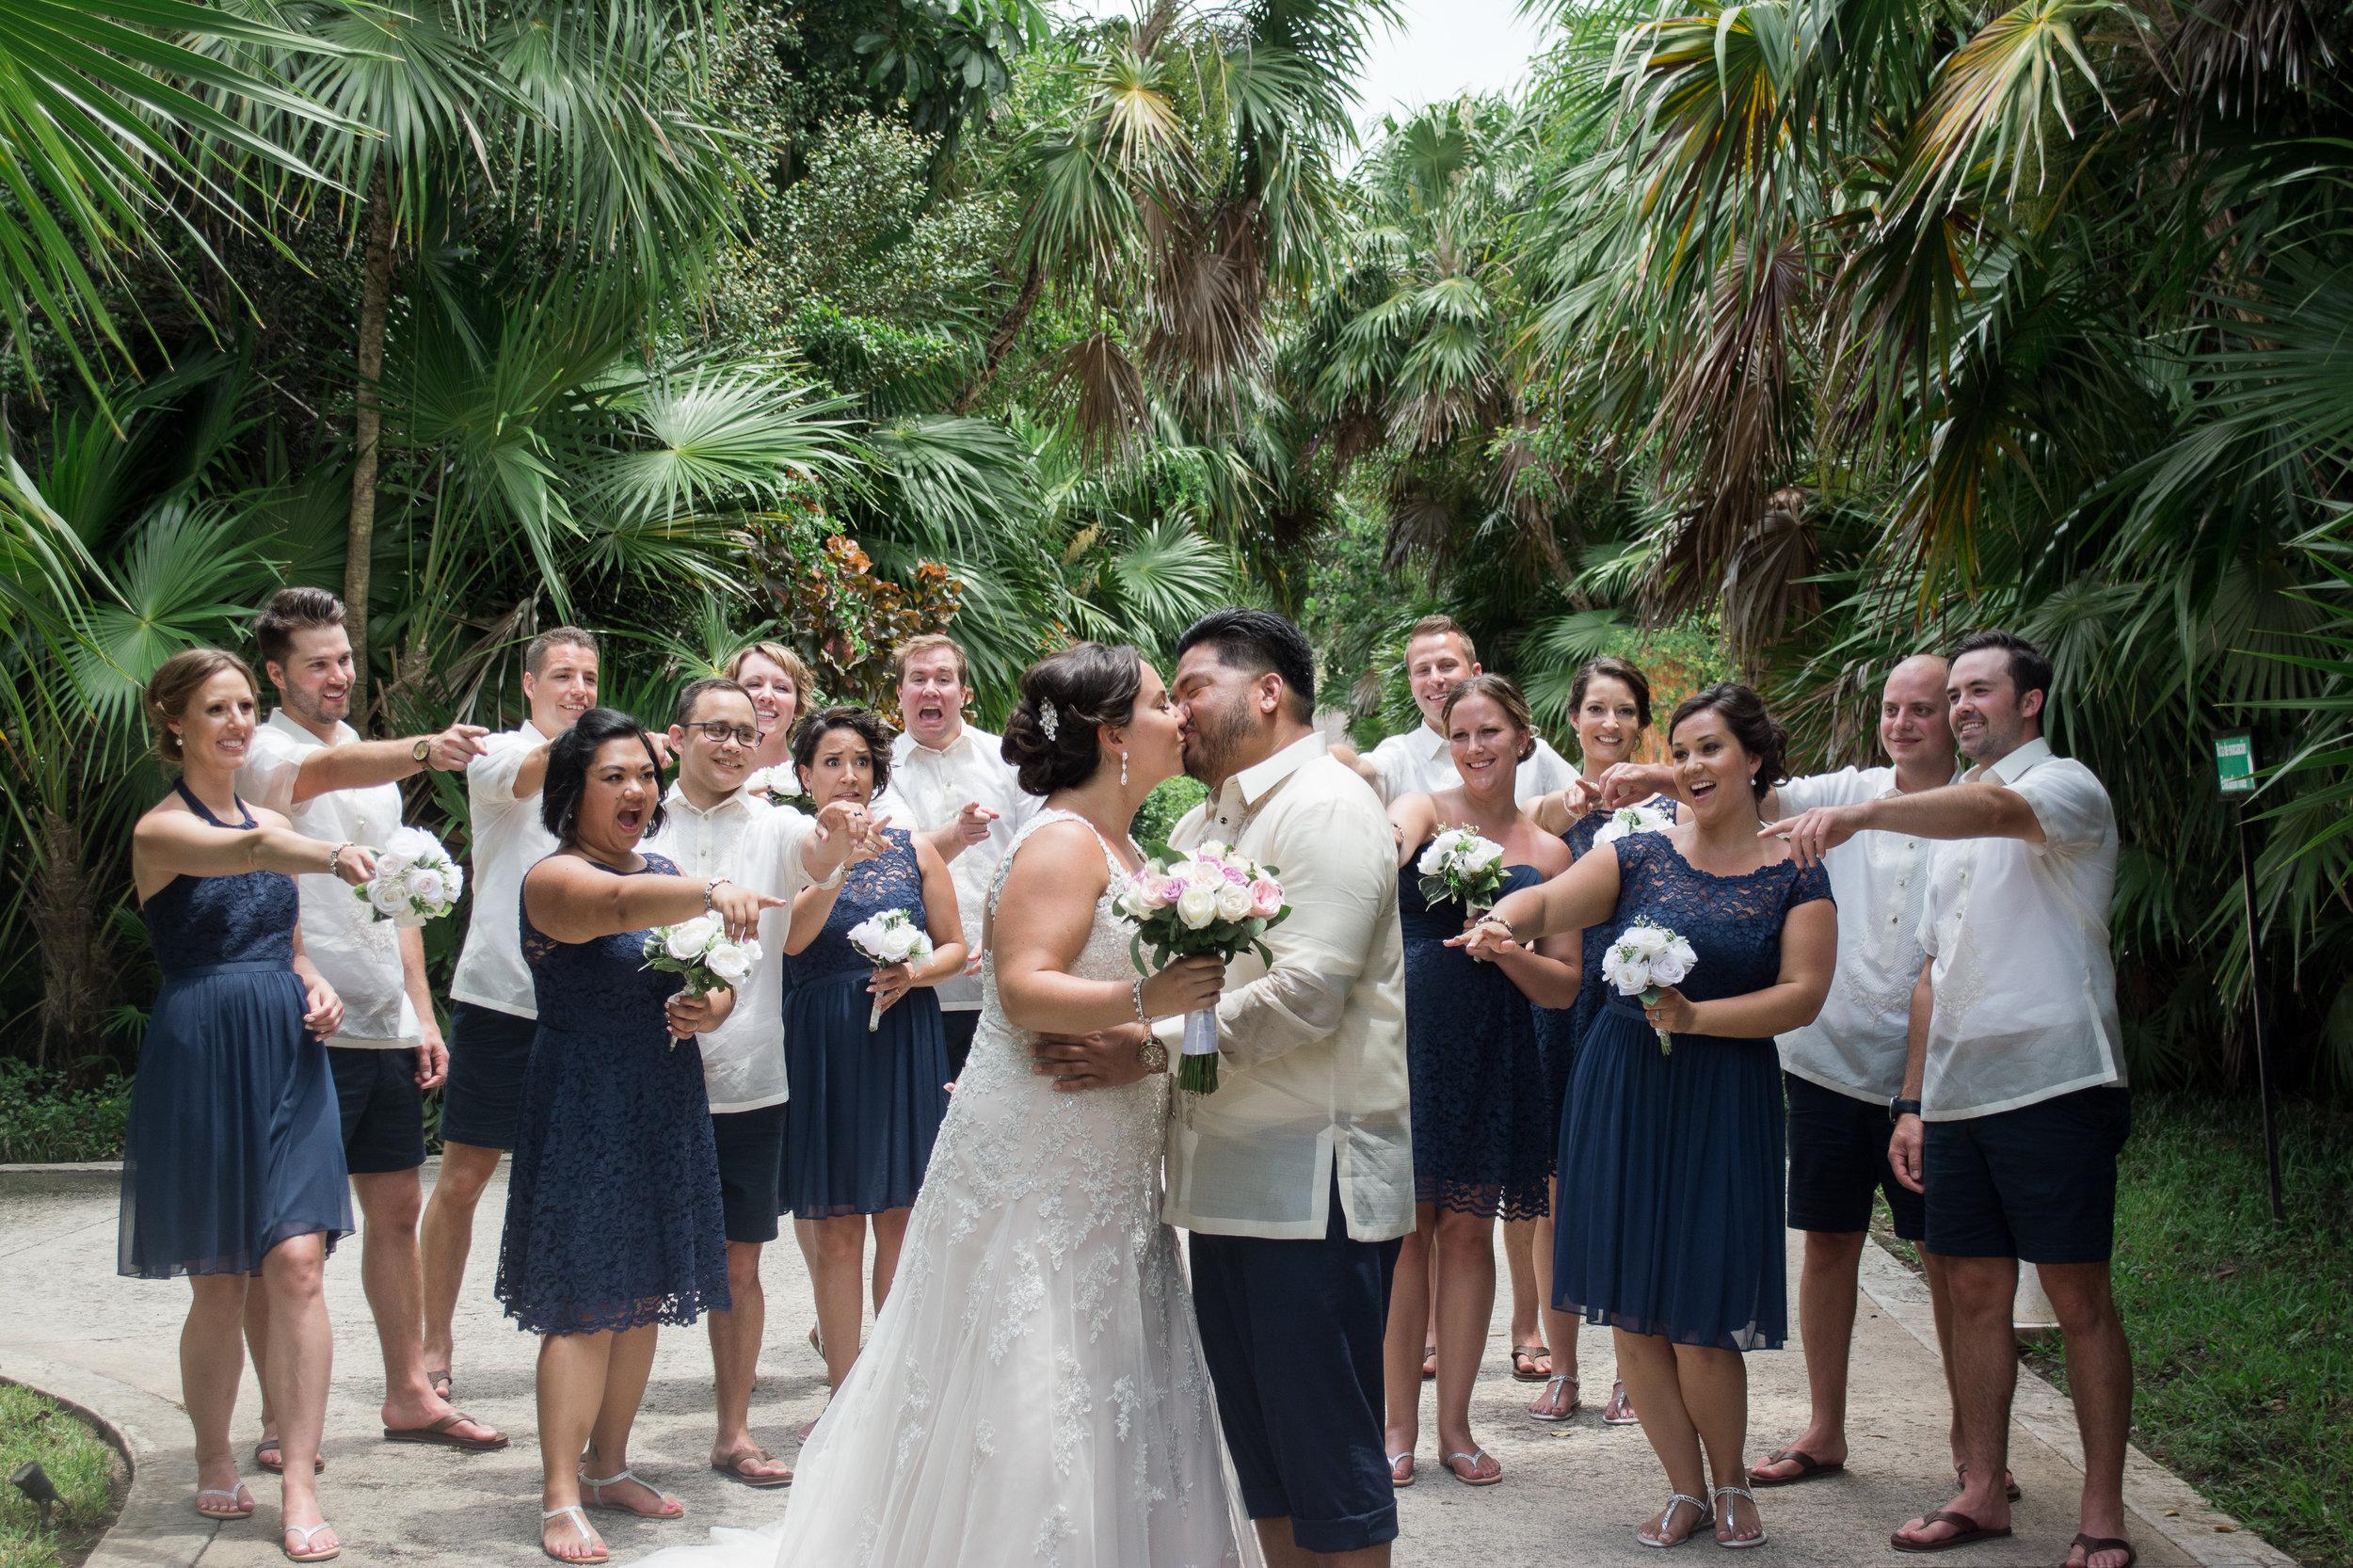 P&J_WeddingPartyPortraits-150 copy.jpg